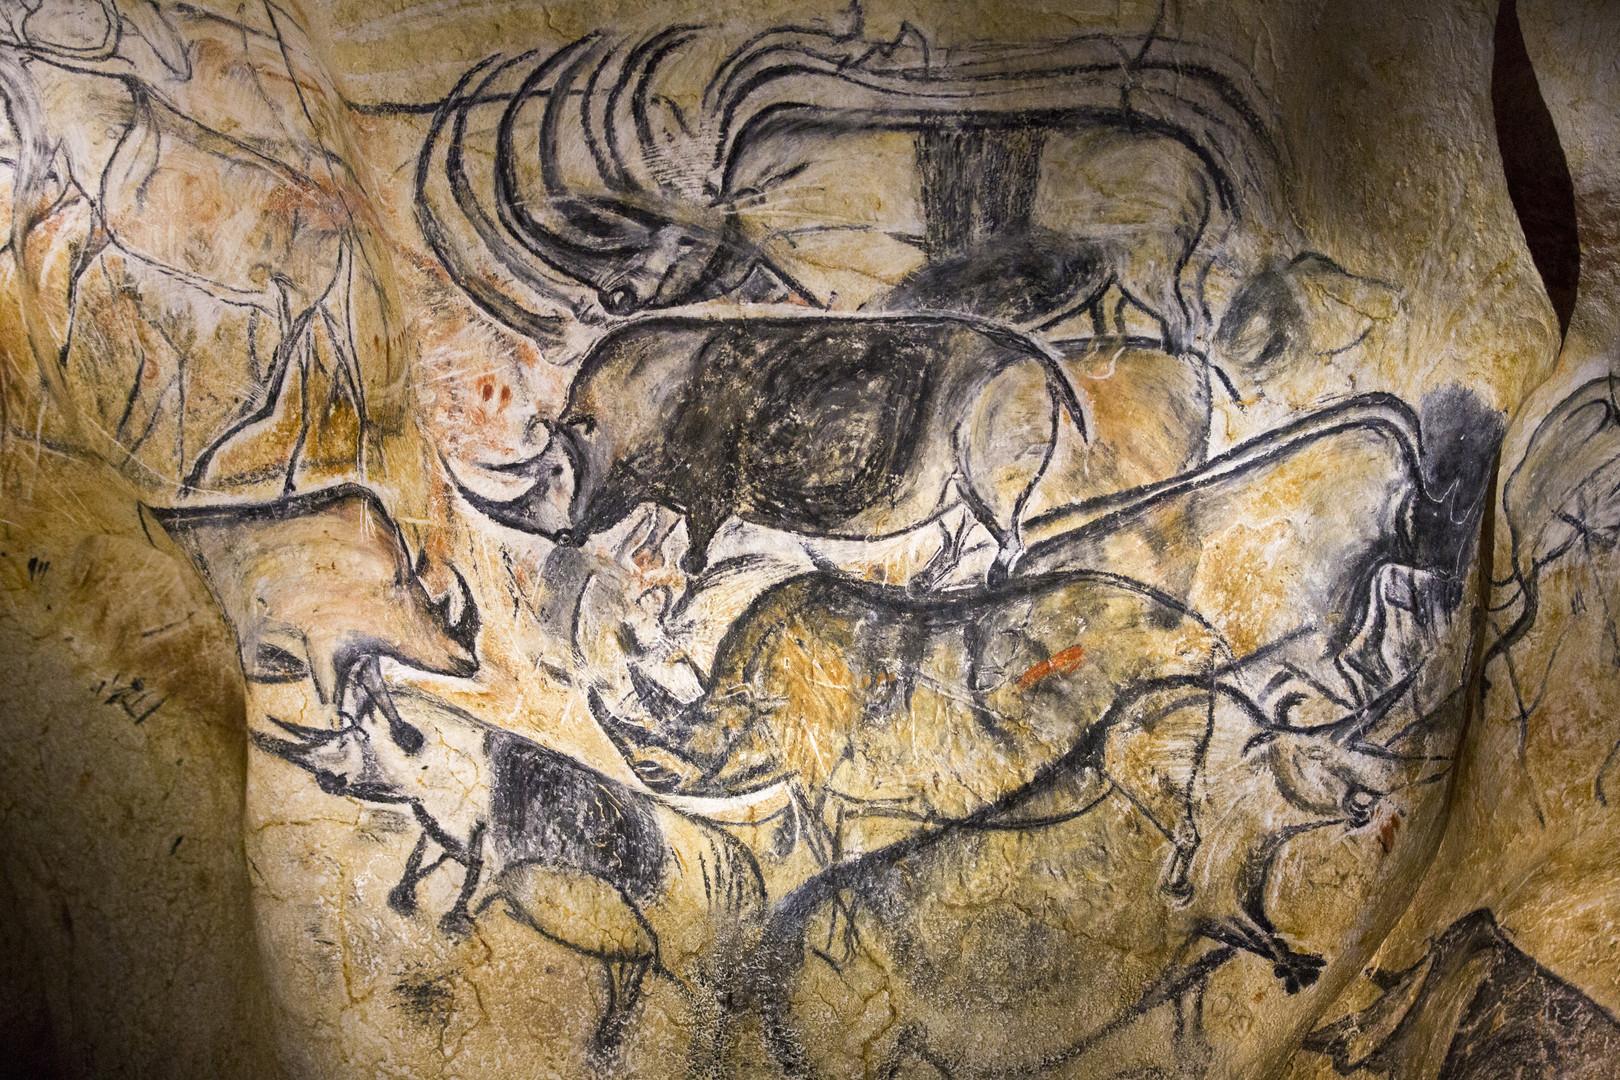 بالصور ... رسومات منذ 35 ألف عام تكشف عن أولى الكوارث الطبيعية في العالم